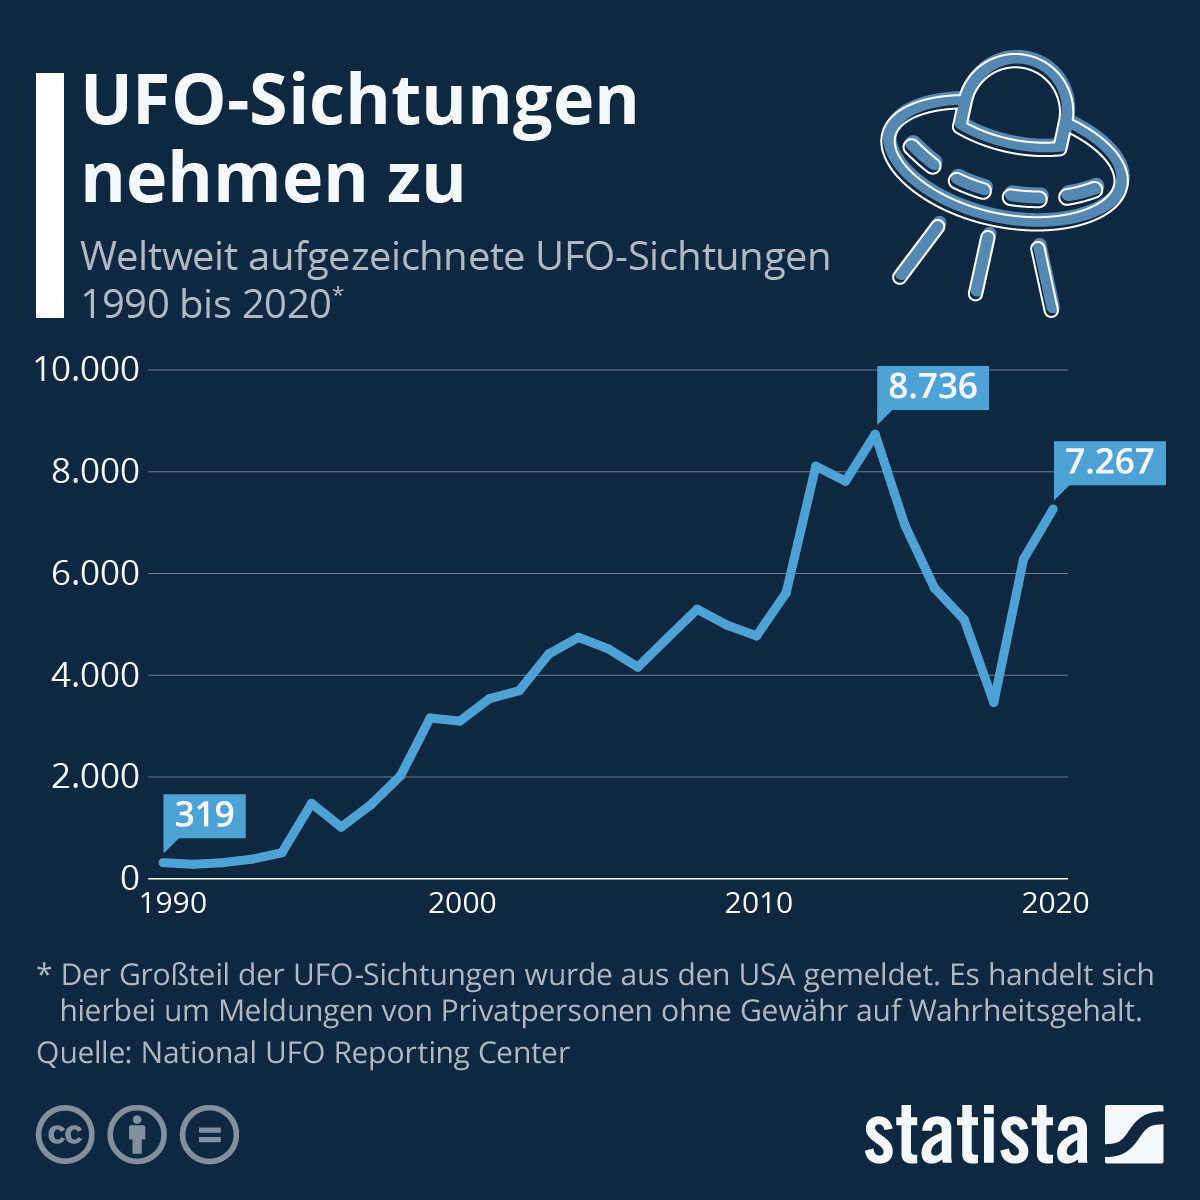 Infografik: E.T. nach Hause gefahren? | Statista